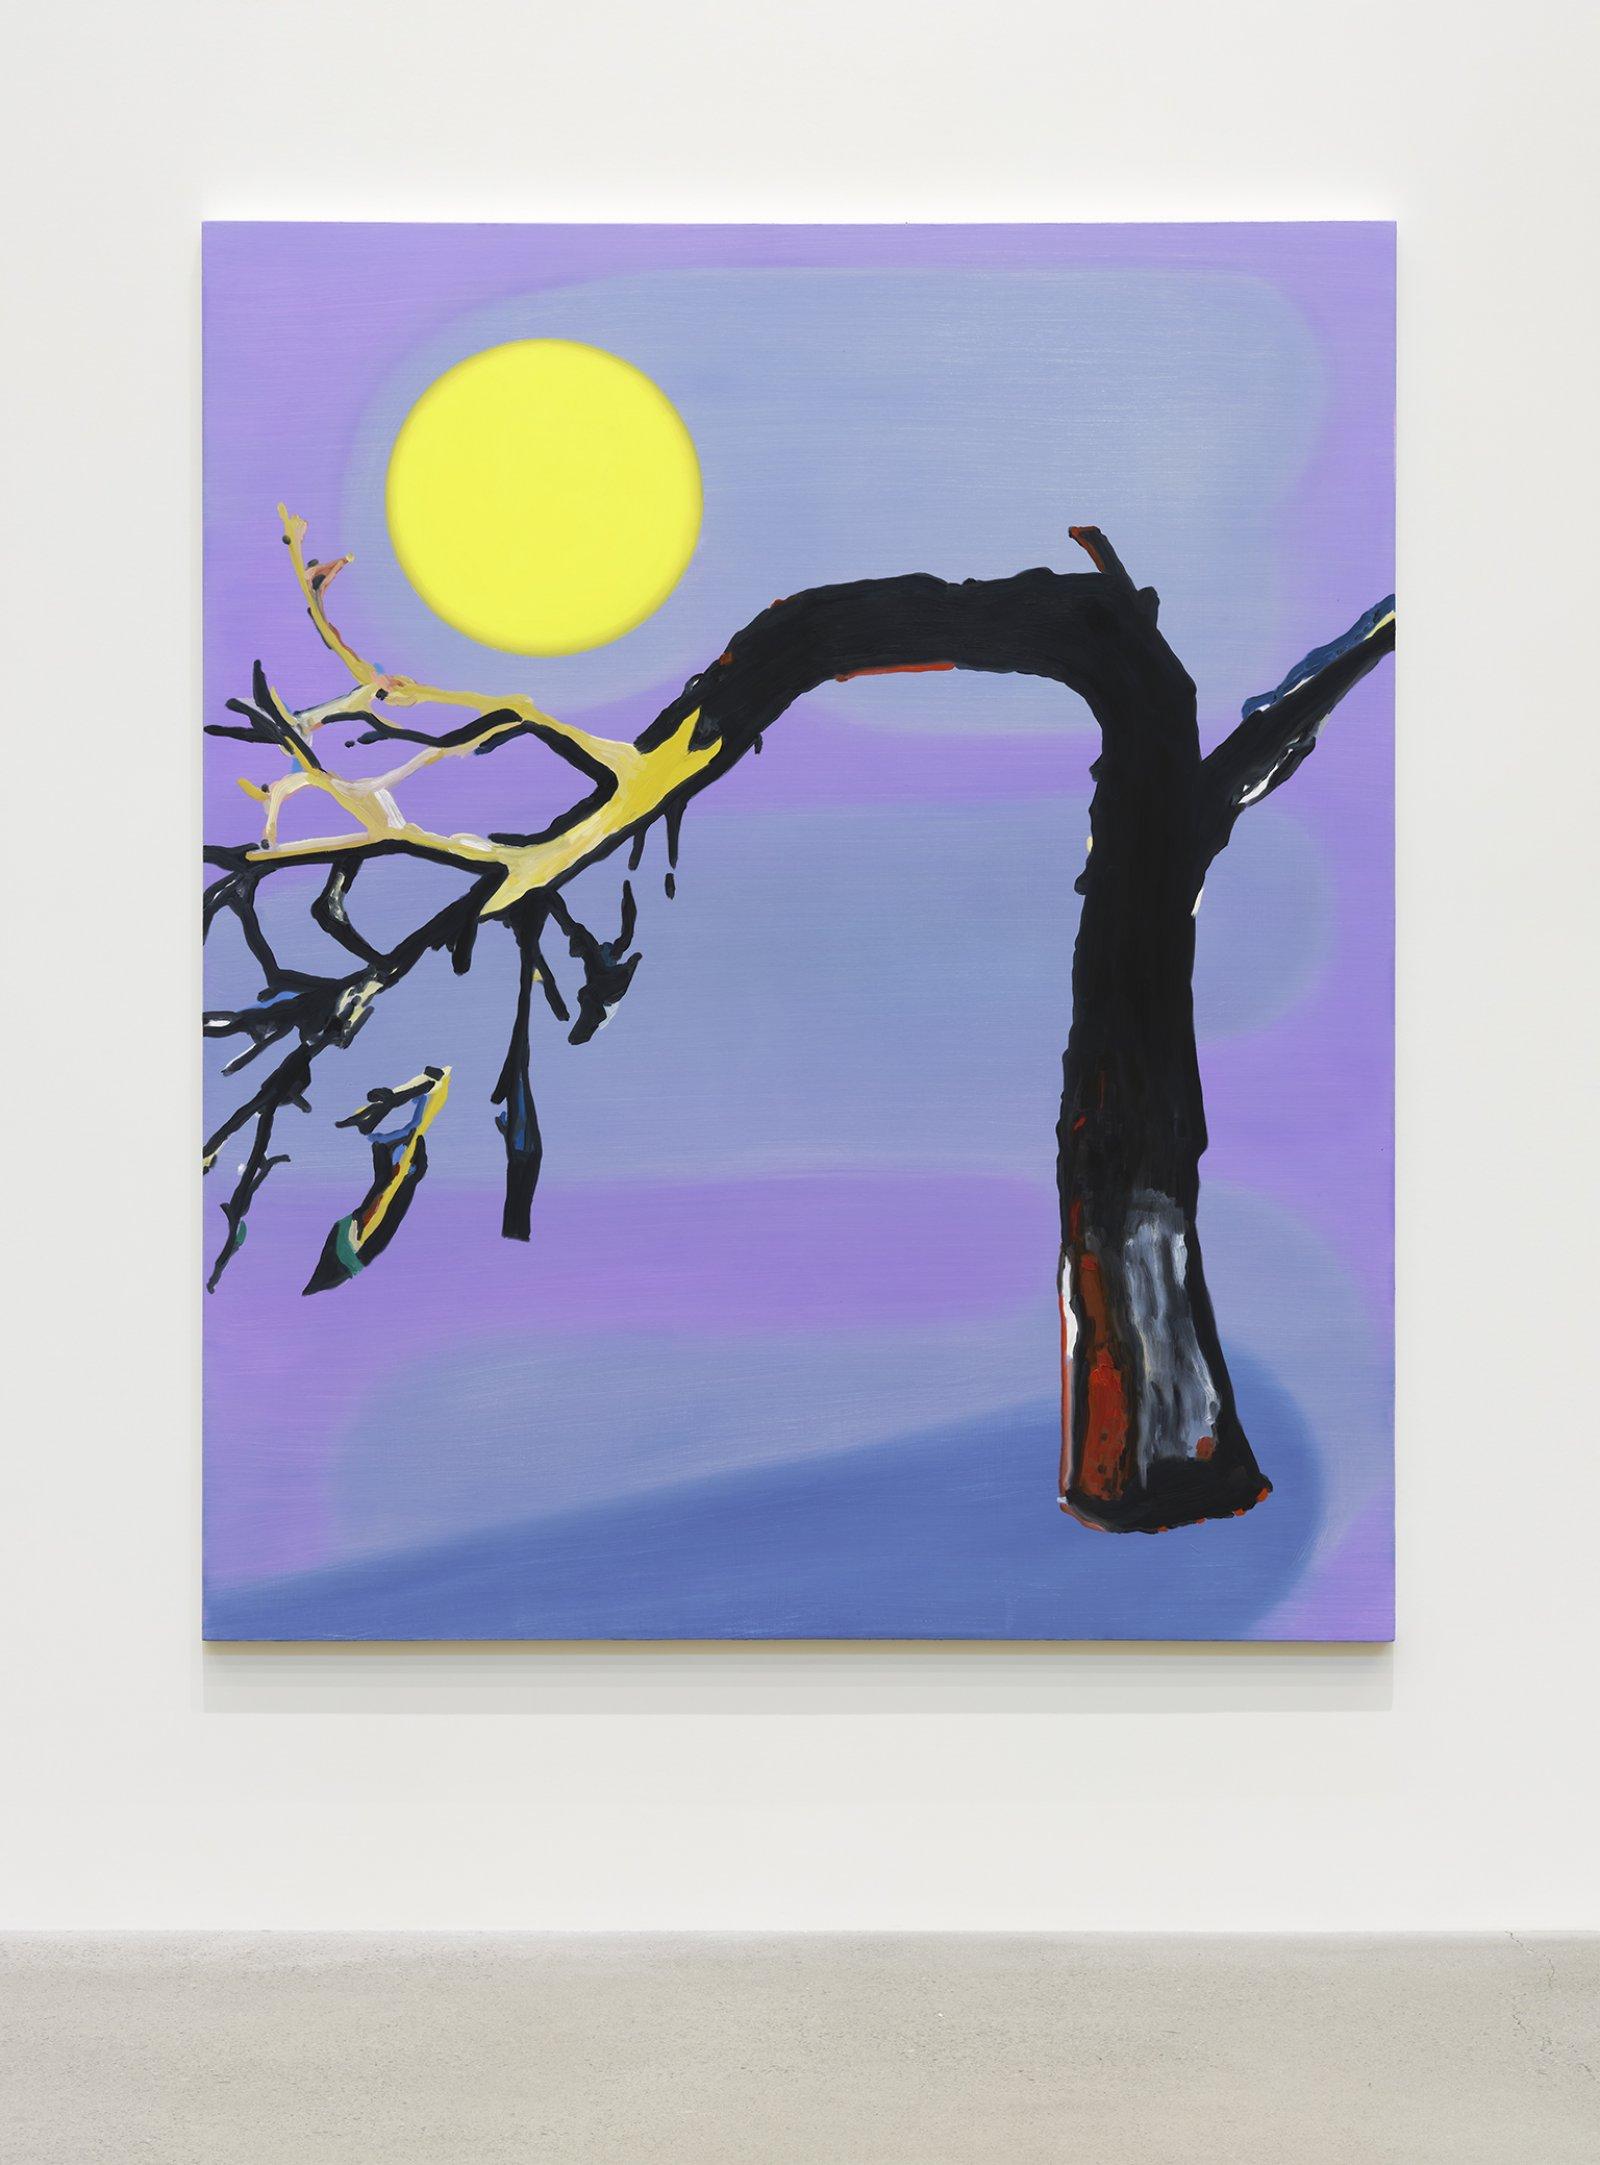 Elizabeth McIntosh, Bent Tree, 2020, oil on canvas, 69 x 58 in. (175 x 147 cm) by Elizabeth McIntosh